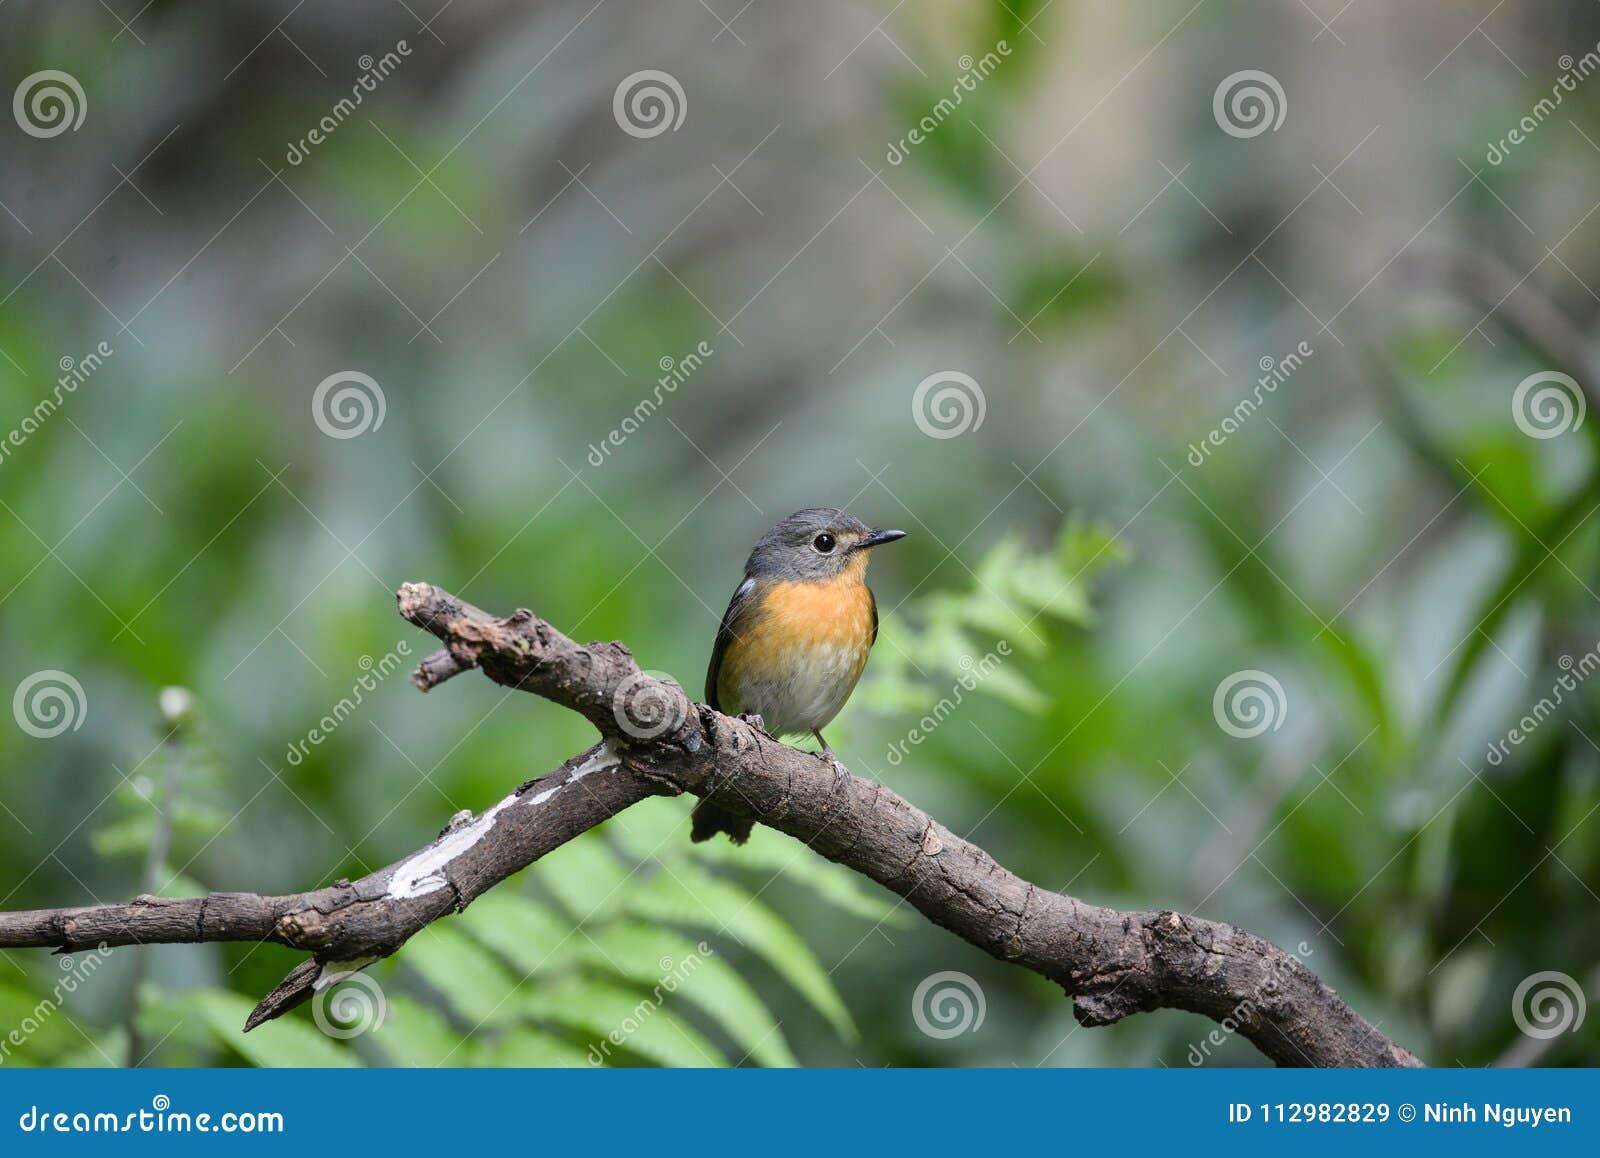 Hill Blue Flycatcher young male, Wild bird in Vietnam